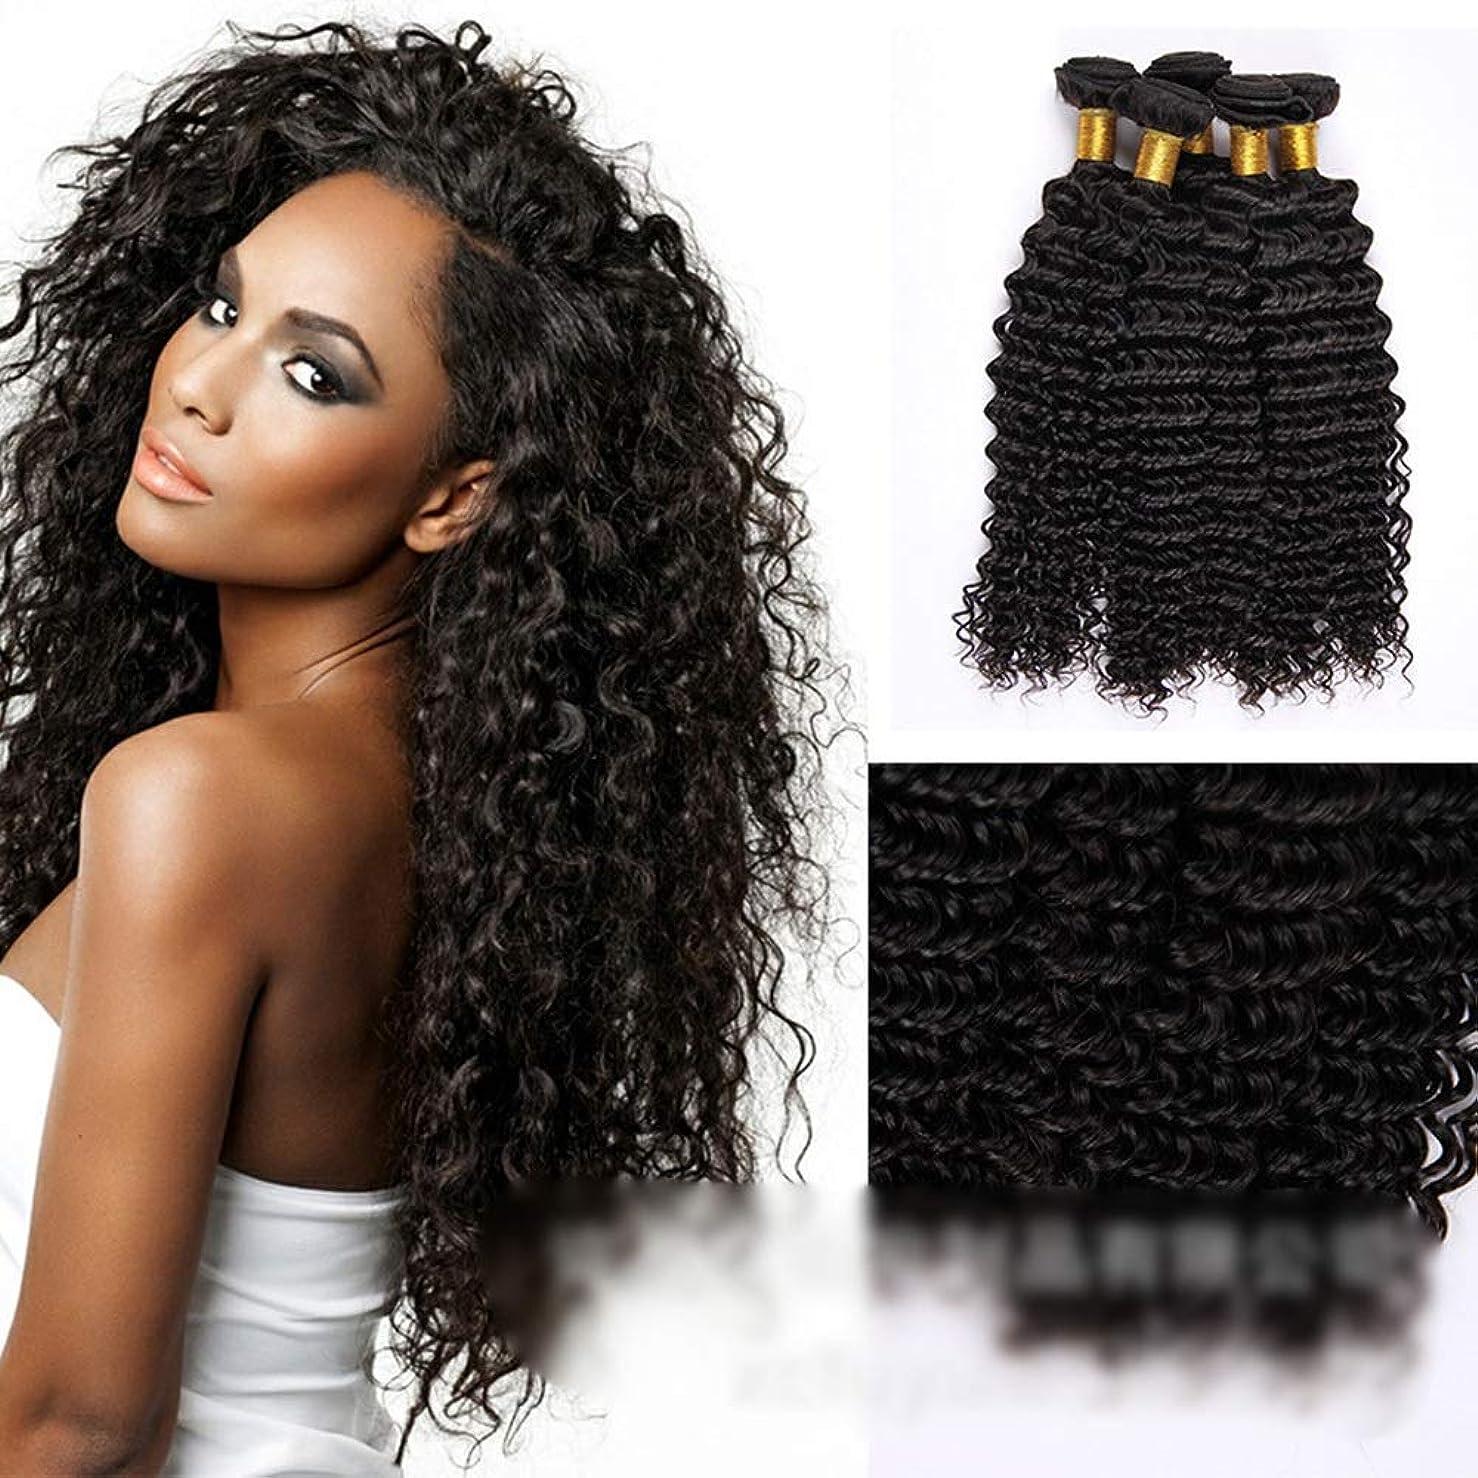 息を切らして予測するスラッシュBOBIDYEE ブラジルの深い巻き毛の束100%未処理の人間の髪の毛の織り方自然な黒色の髪の拡張子(1バンドル、10